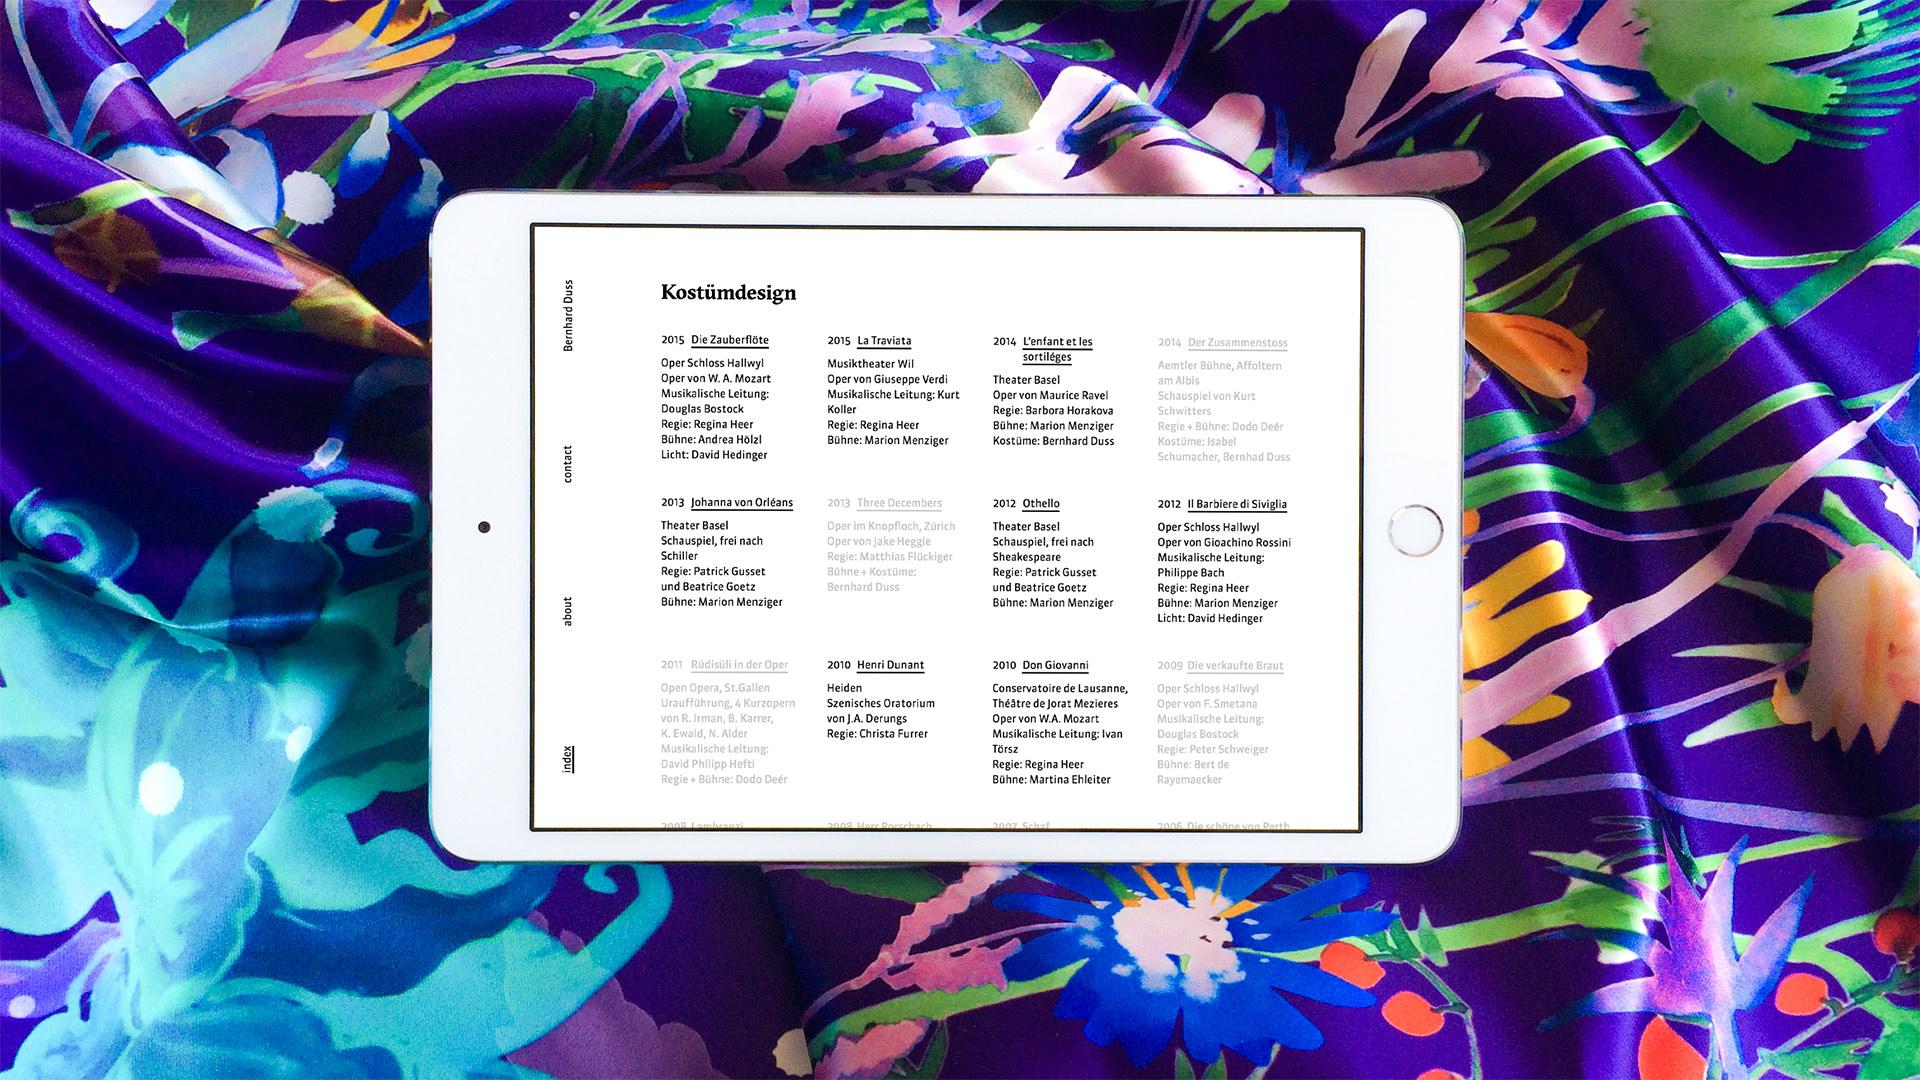 l'équipe [visuelle] – Bernhard Duss – Webdesign, UX-Design, Interaction Design, Web-Programming für den Textildesigner und Ausstellungsmacher